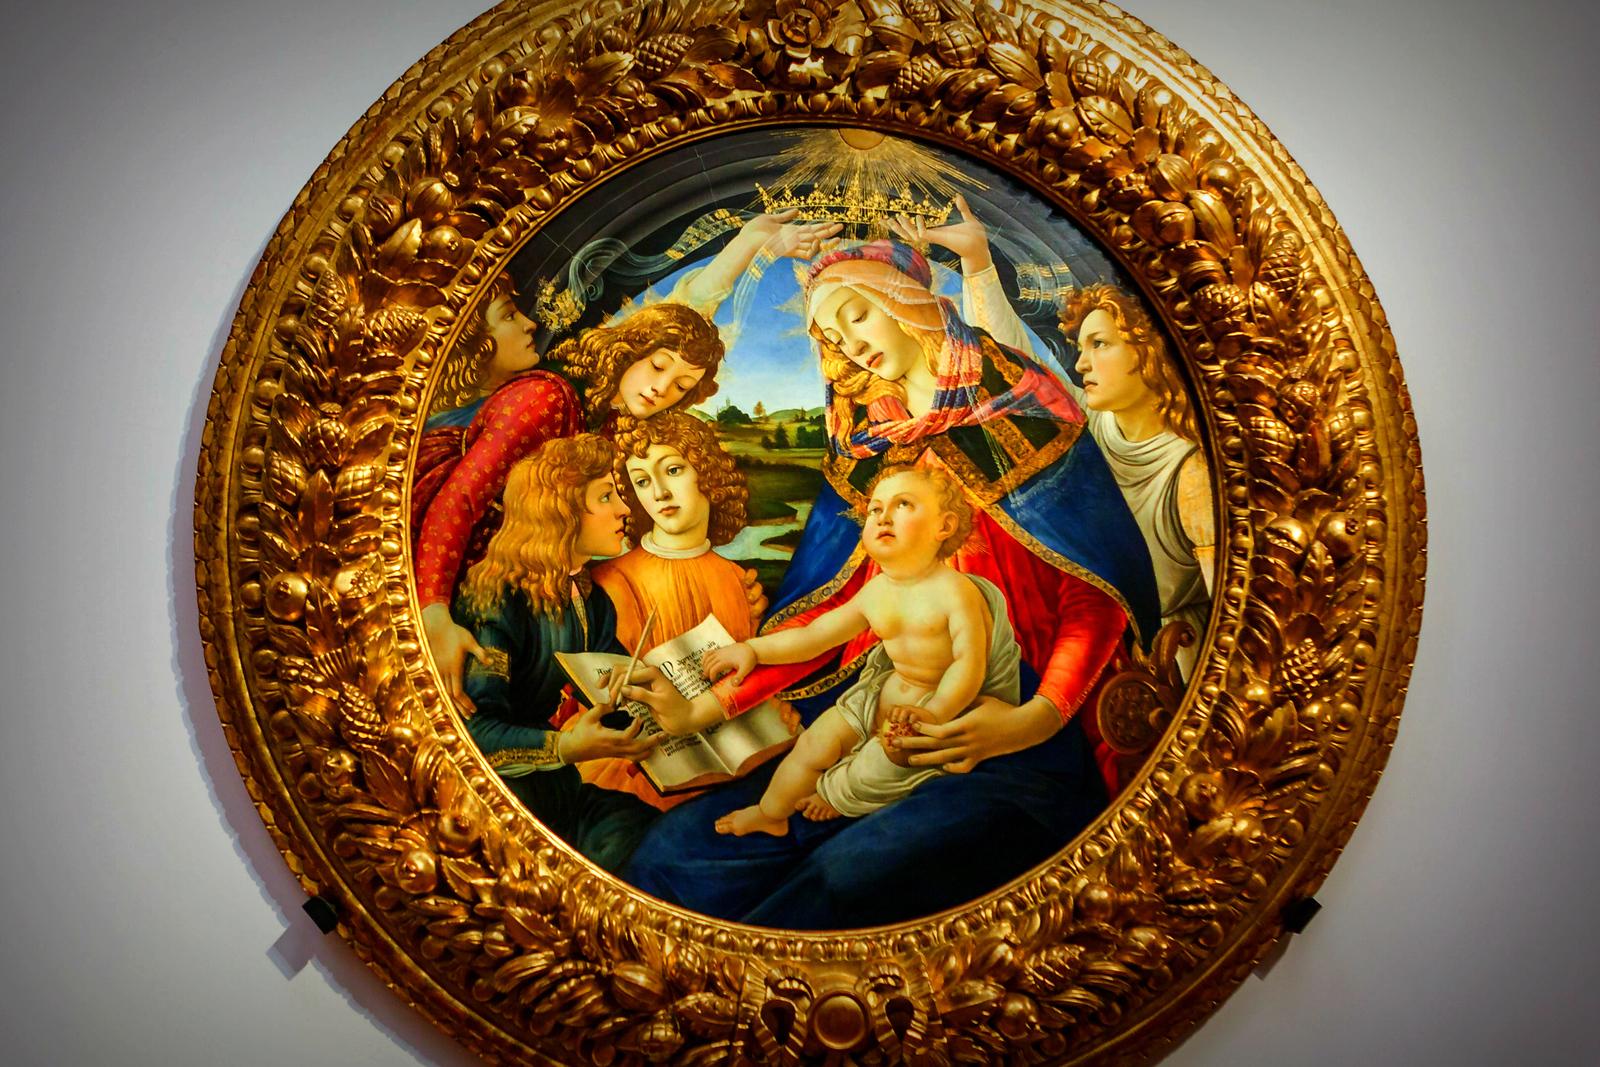 意大利佛罗伦斯乌菲兹美术馆, 目睹藏品